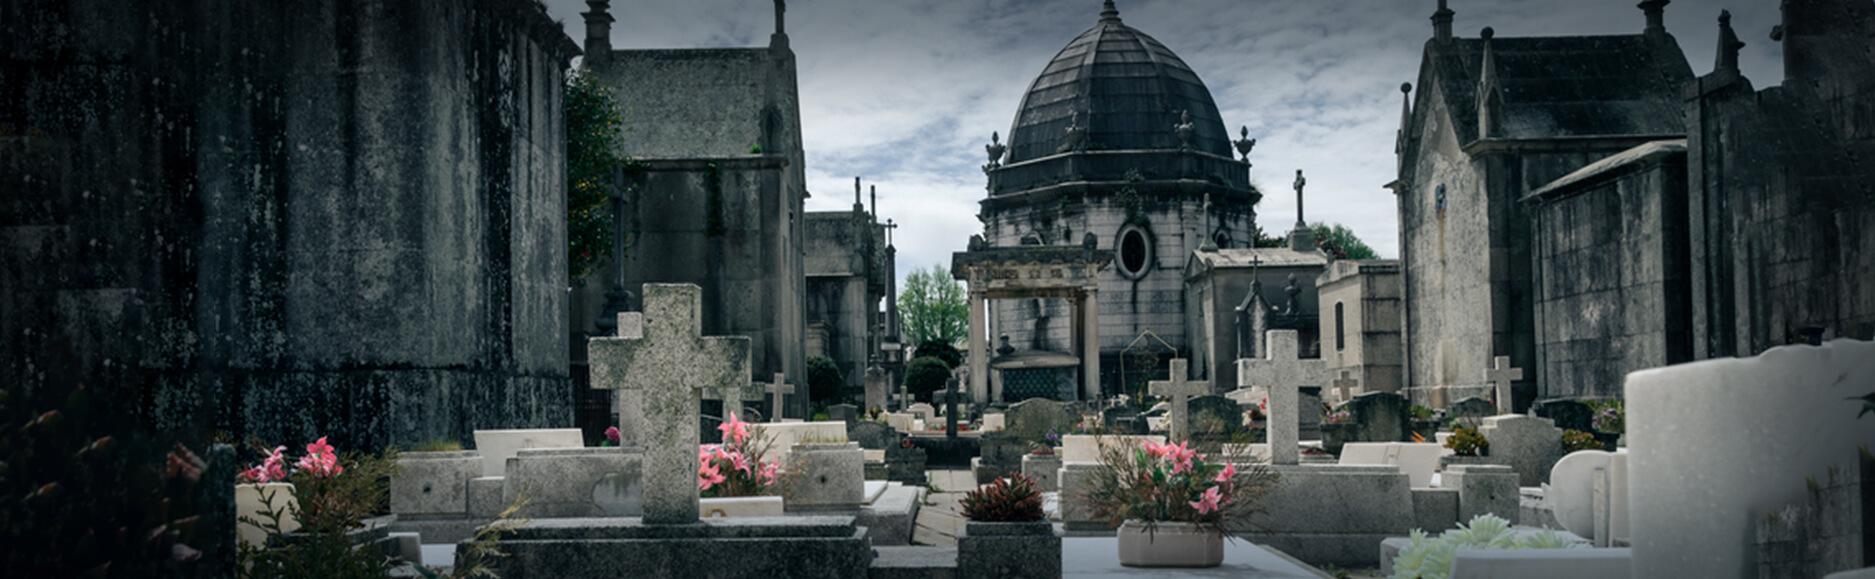 Gestão de cemitérios: veja como a tecnologia facilita o trabalho das Prefeituras